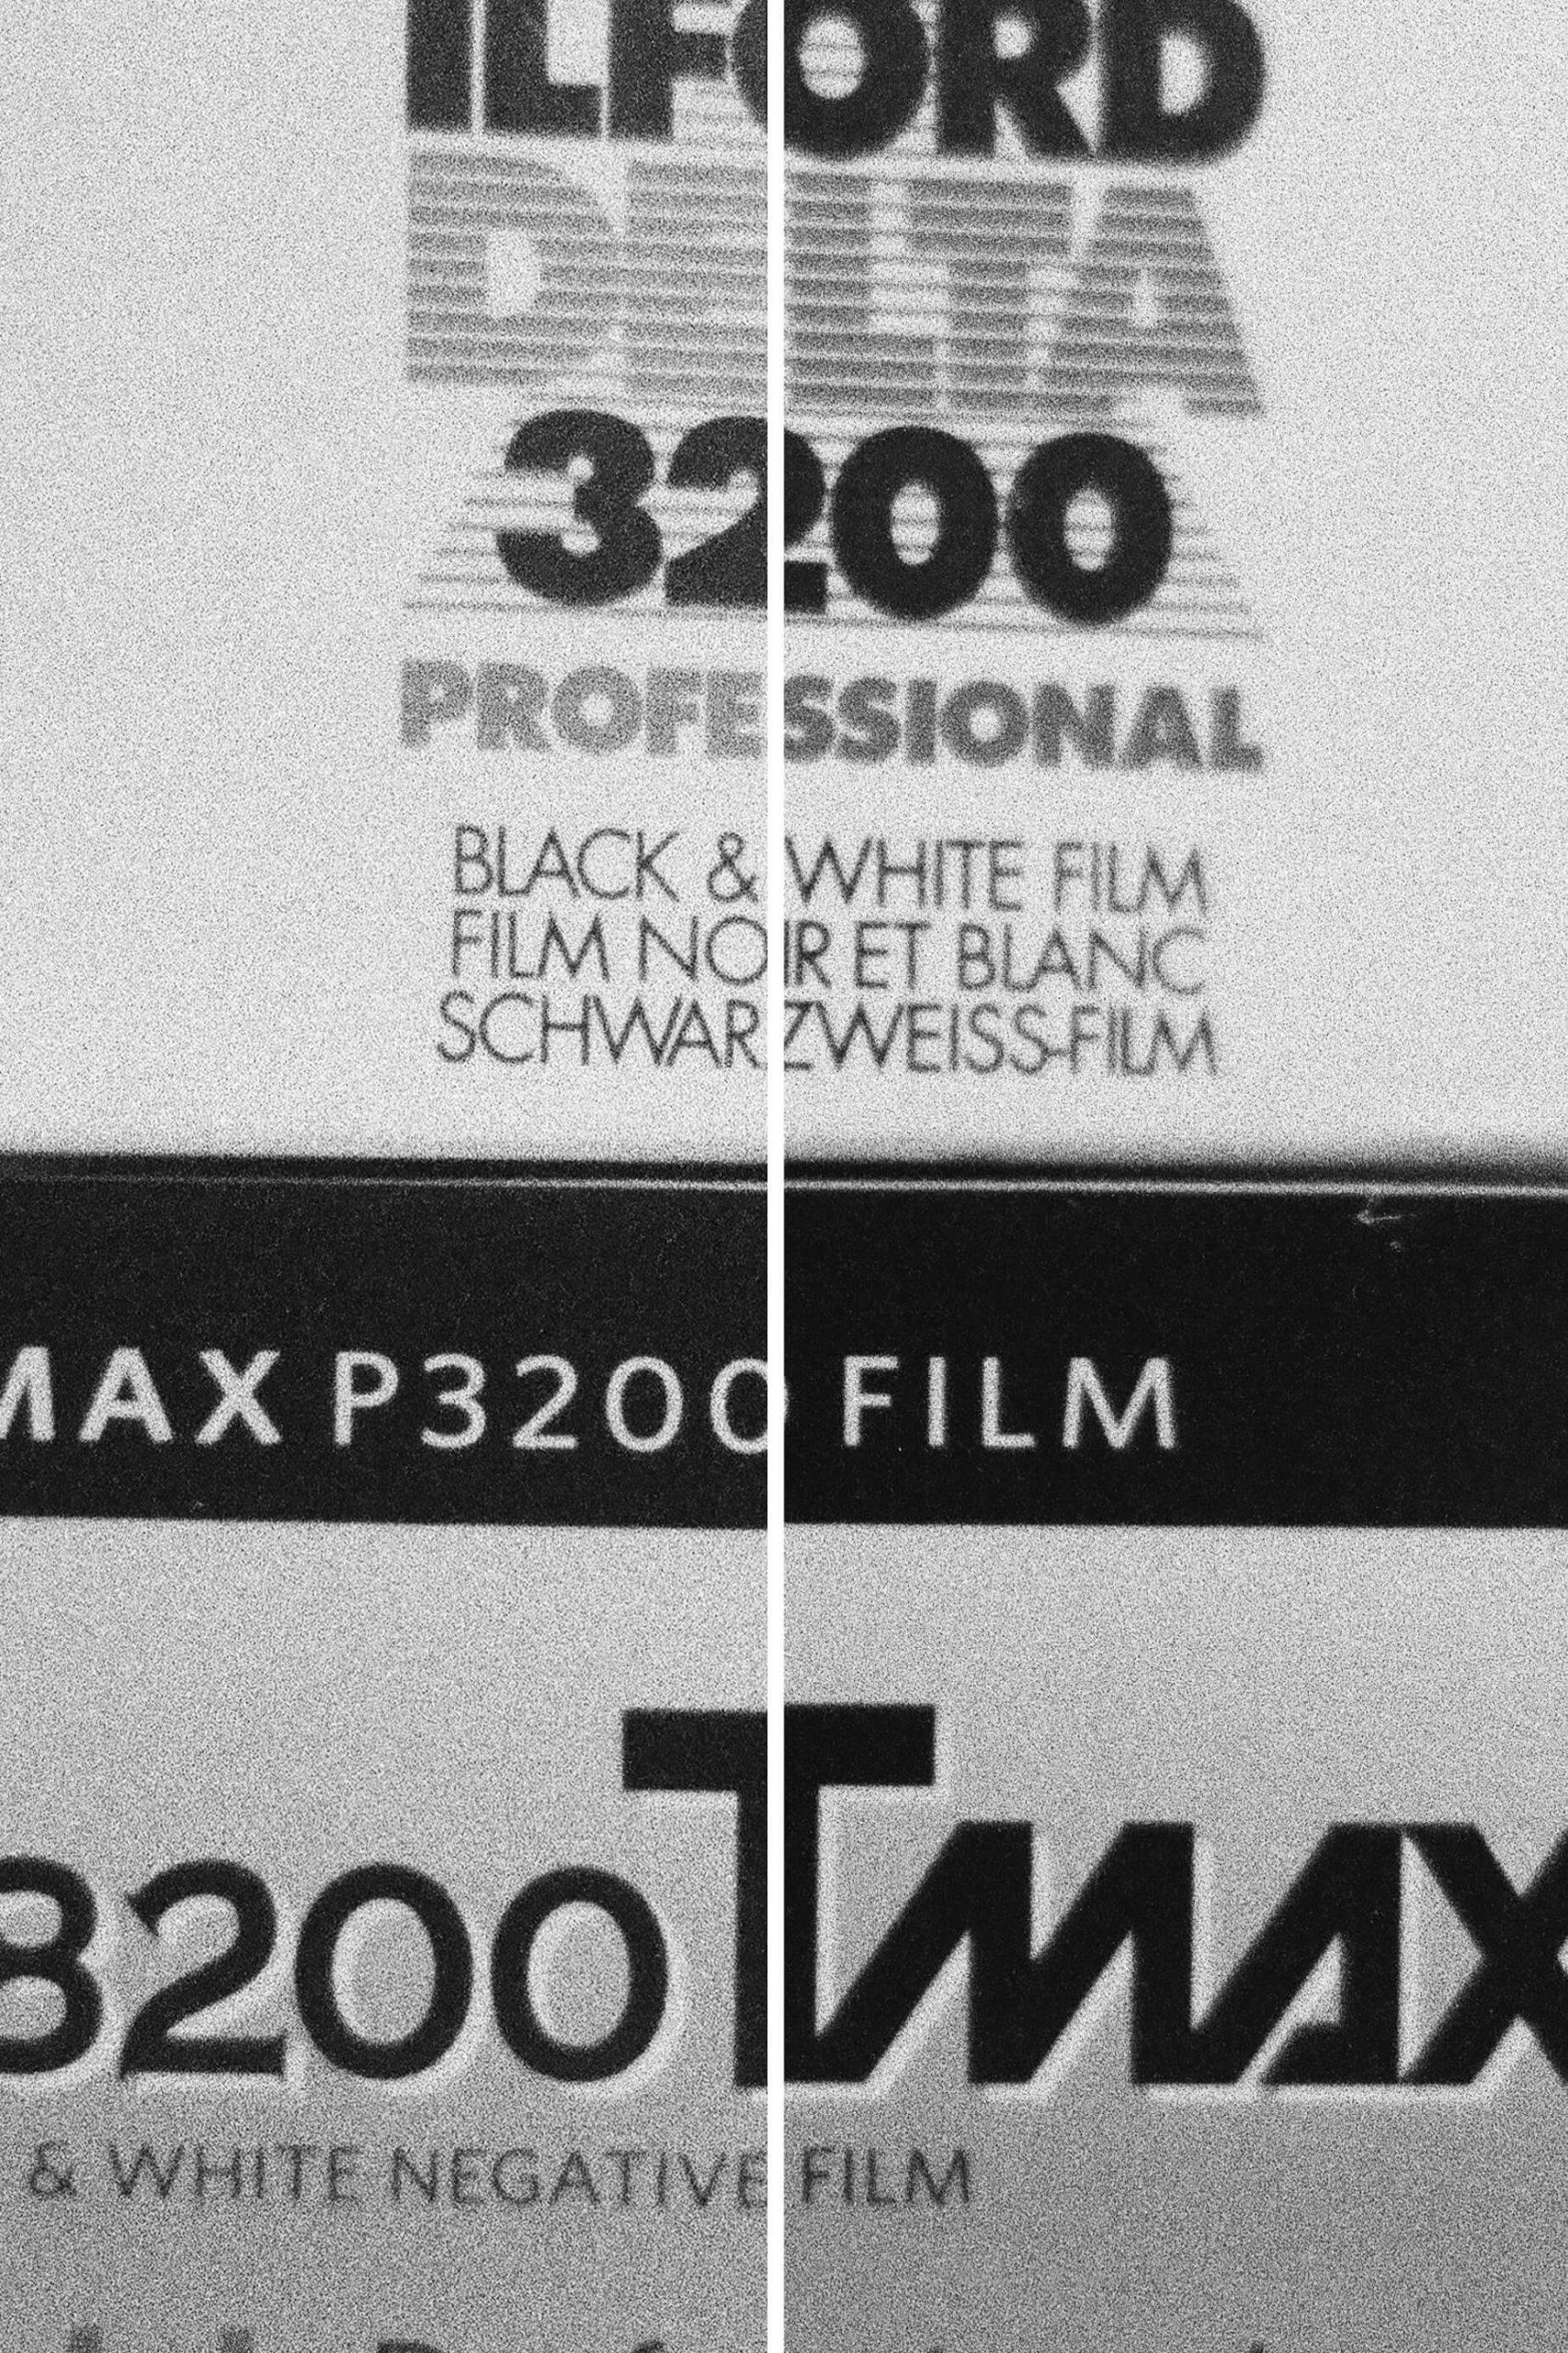 Delta 3200 Left   T-MAX P3200 Right